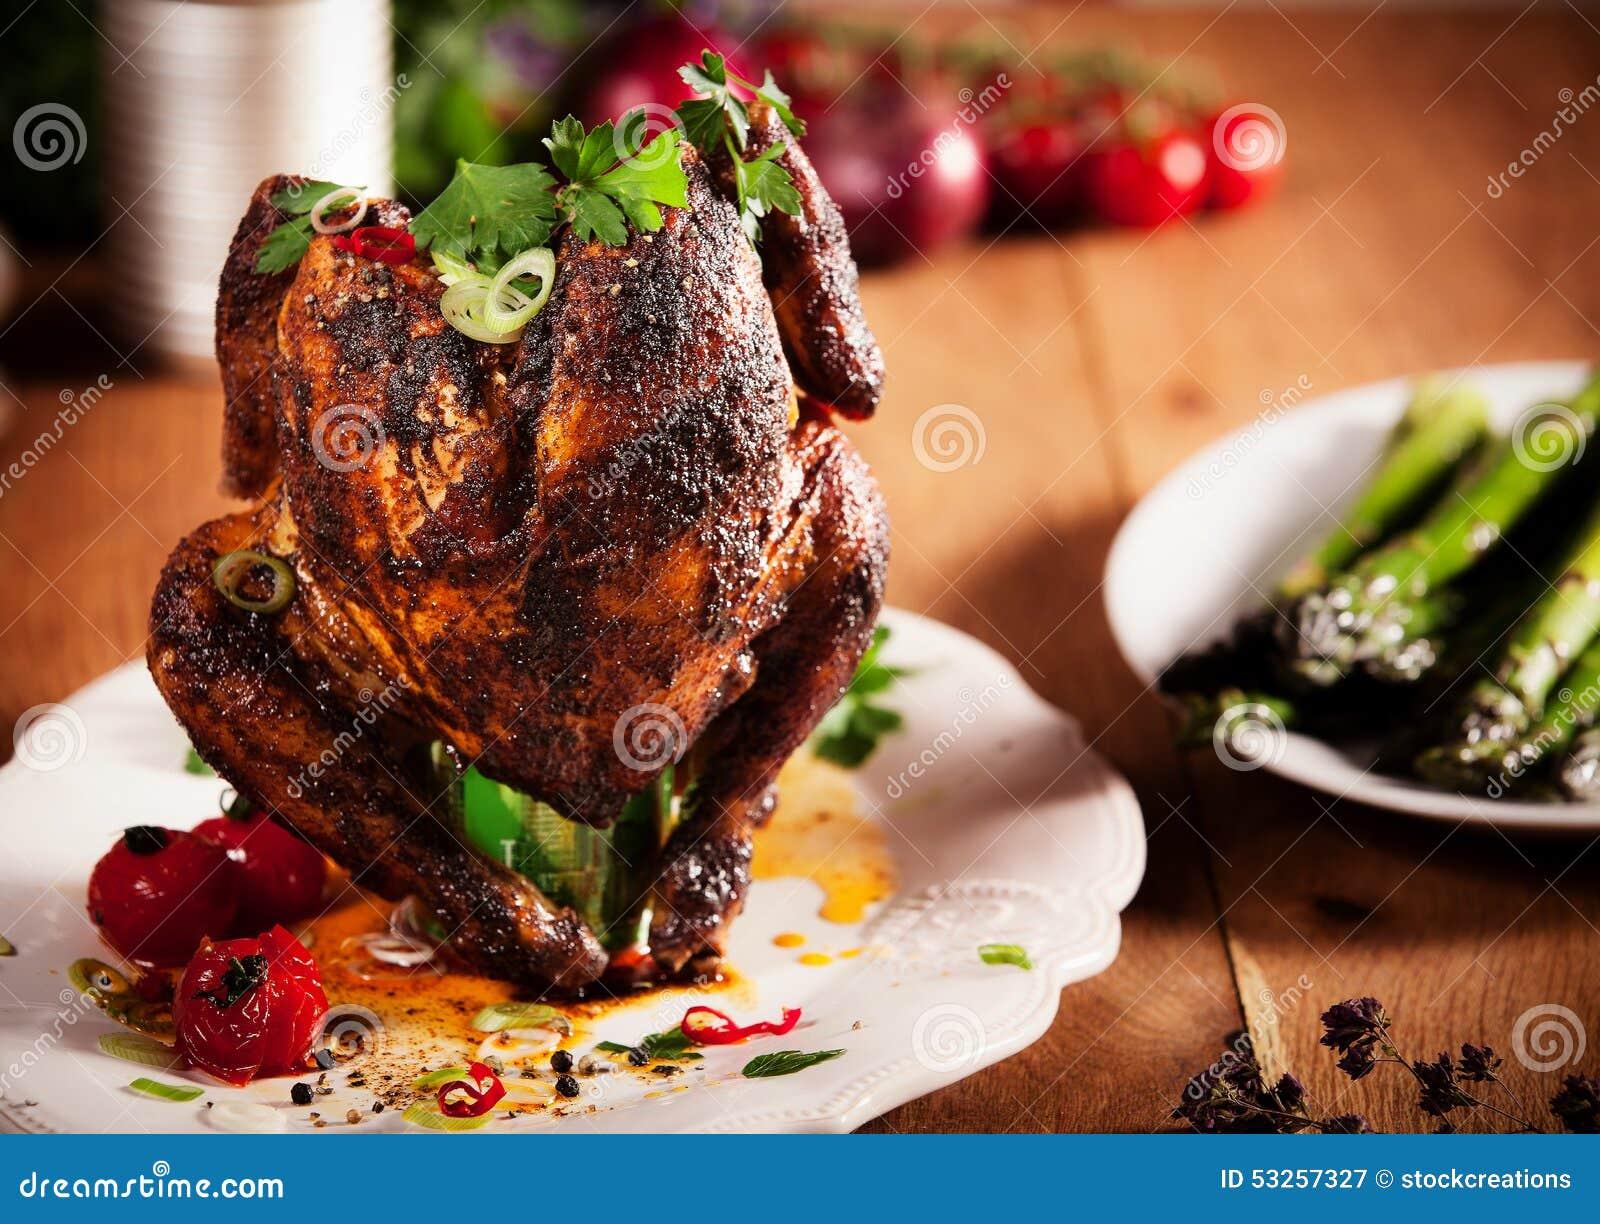 Smakosz Piec na grillu Całego piwnej puszki kurczaka na Białym talerzu